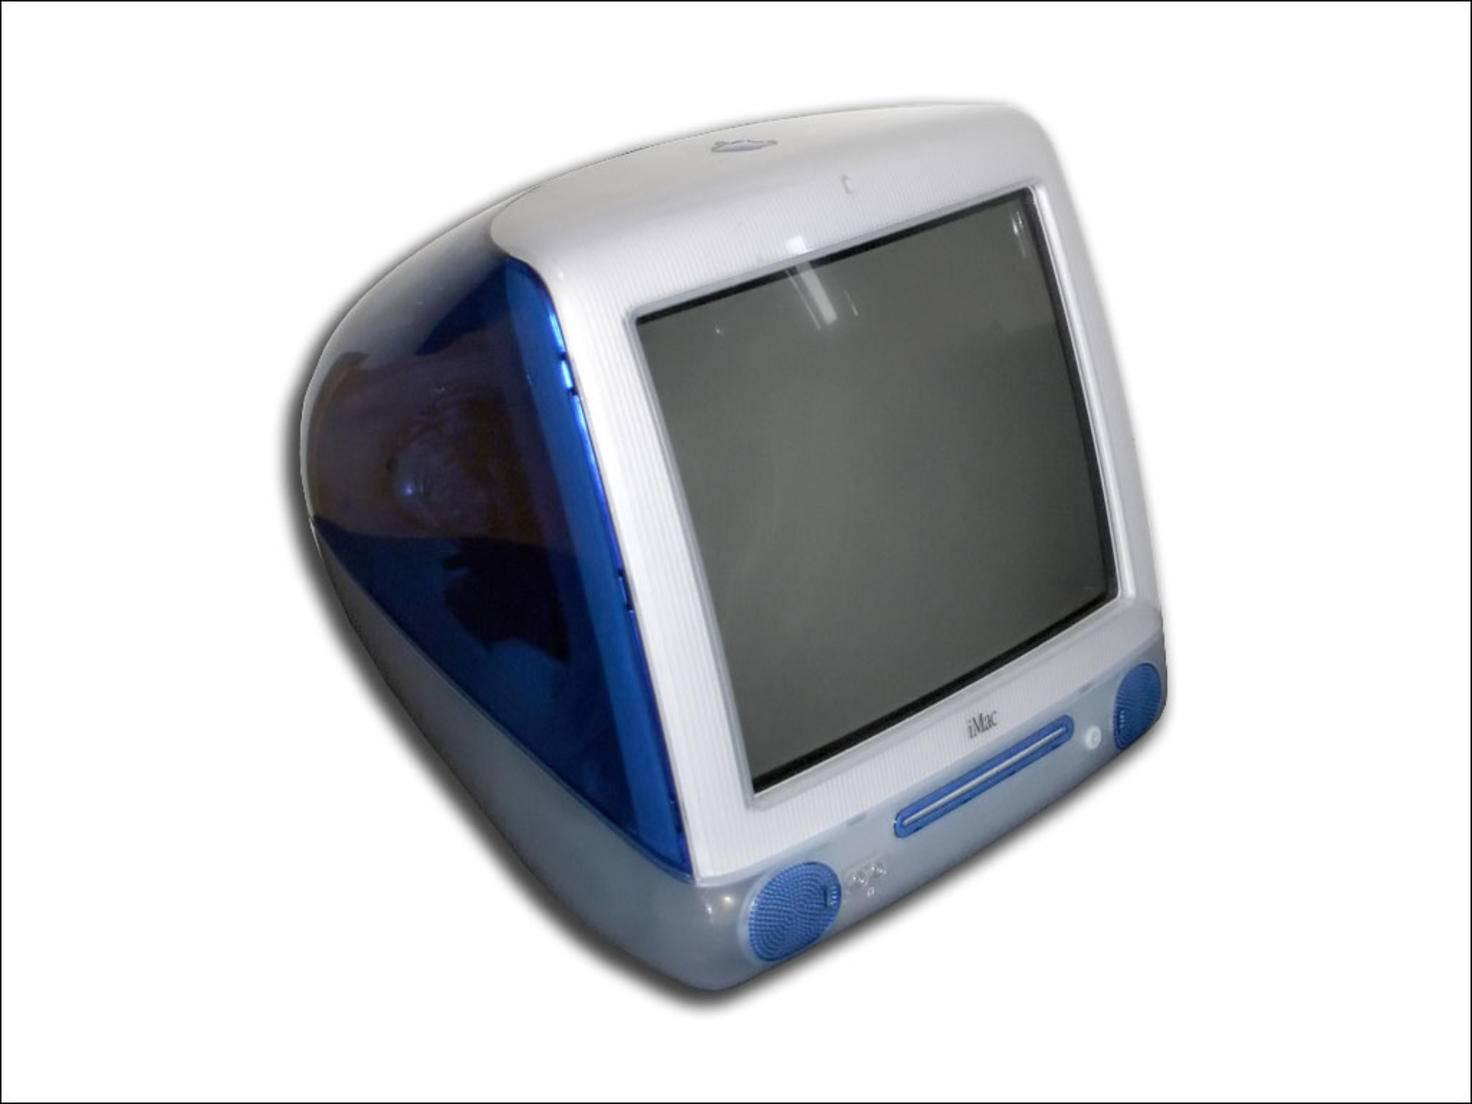 Indigo iMac G3